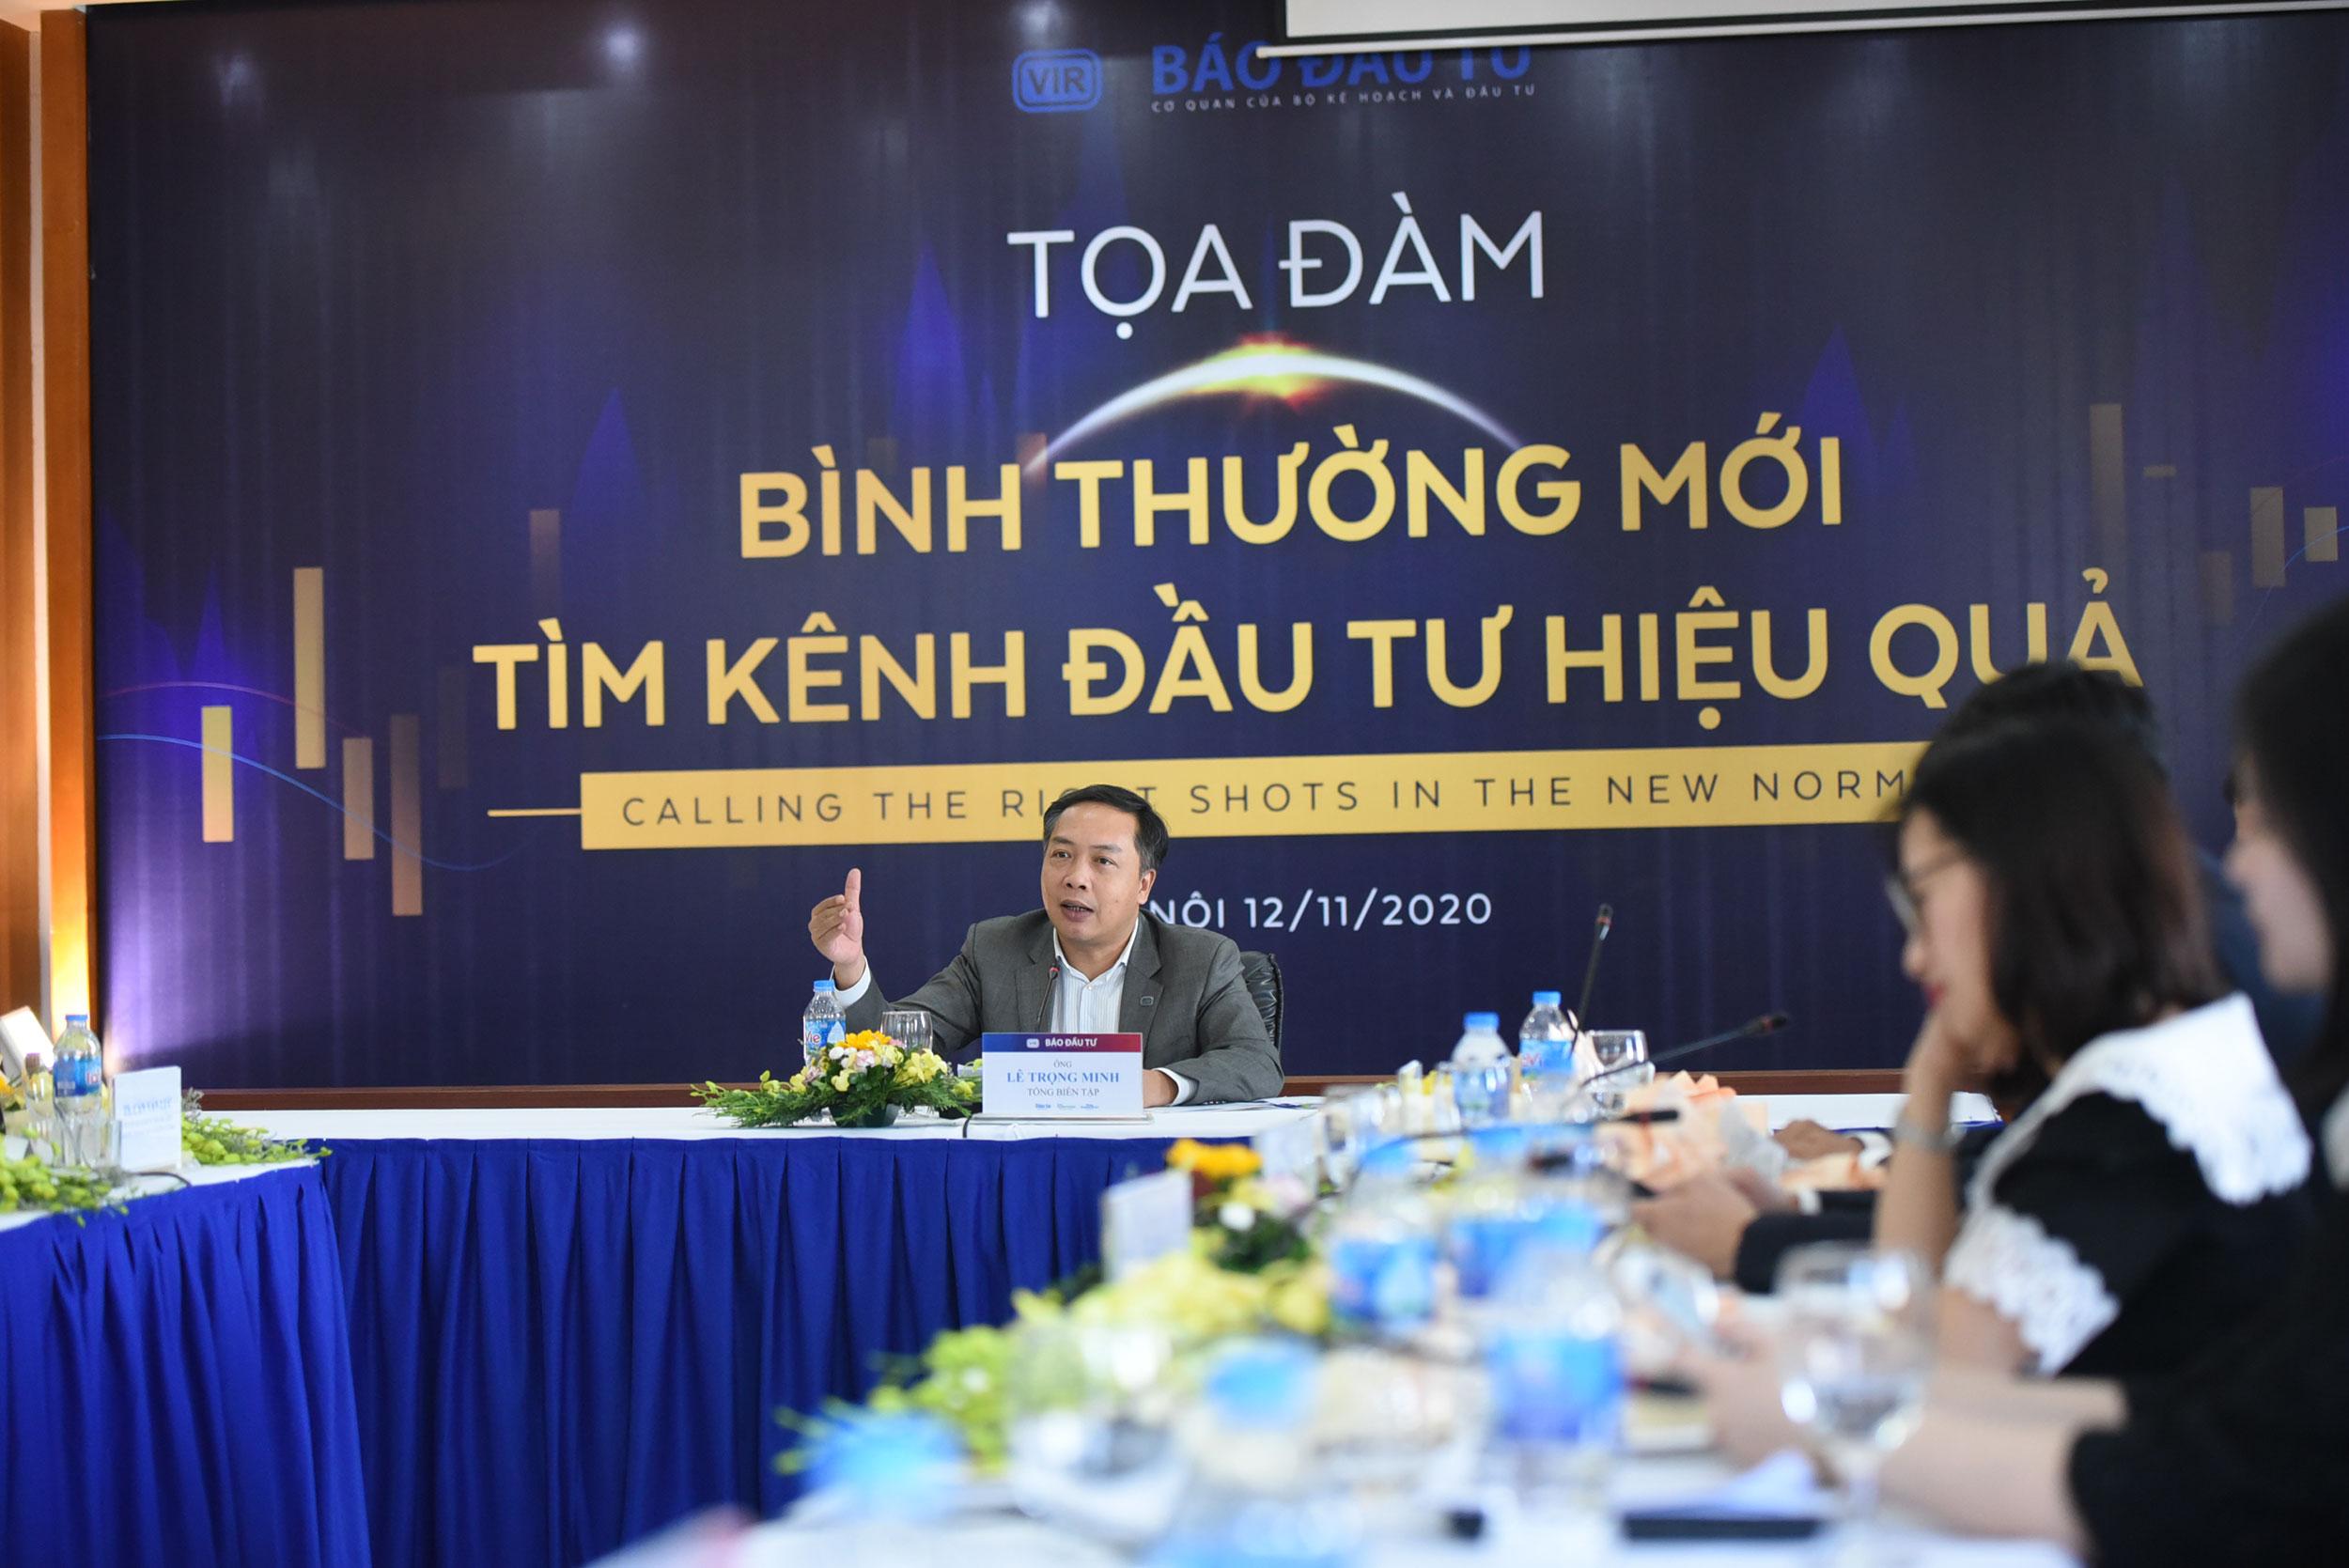 Ông Lê Trọng Minh, Tổng Biên tập Báo Đầu tư điều hành buổi Tọa đàm. Ảnh: Dũng Minh.